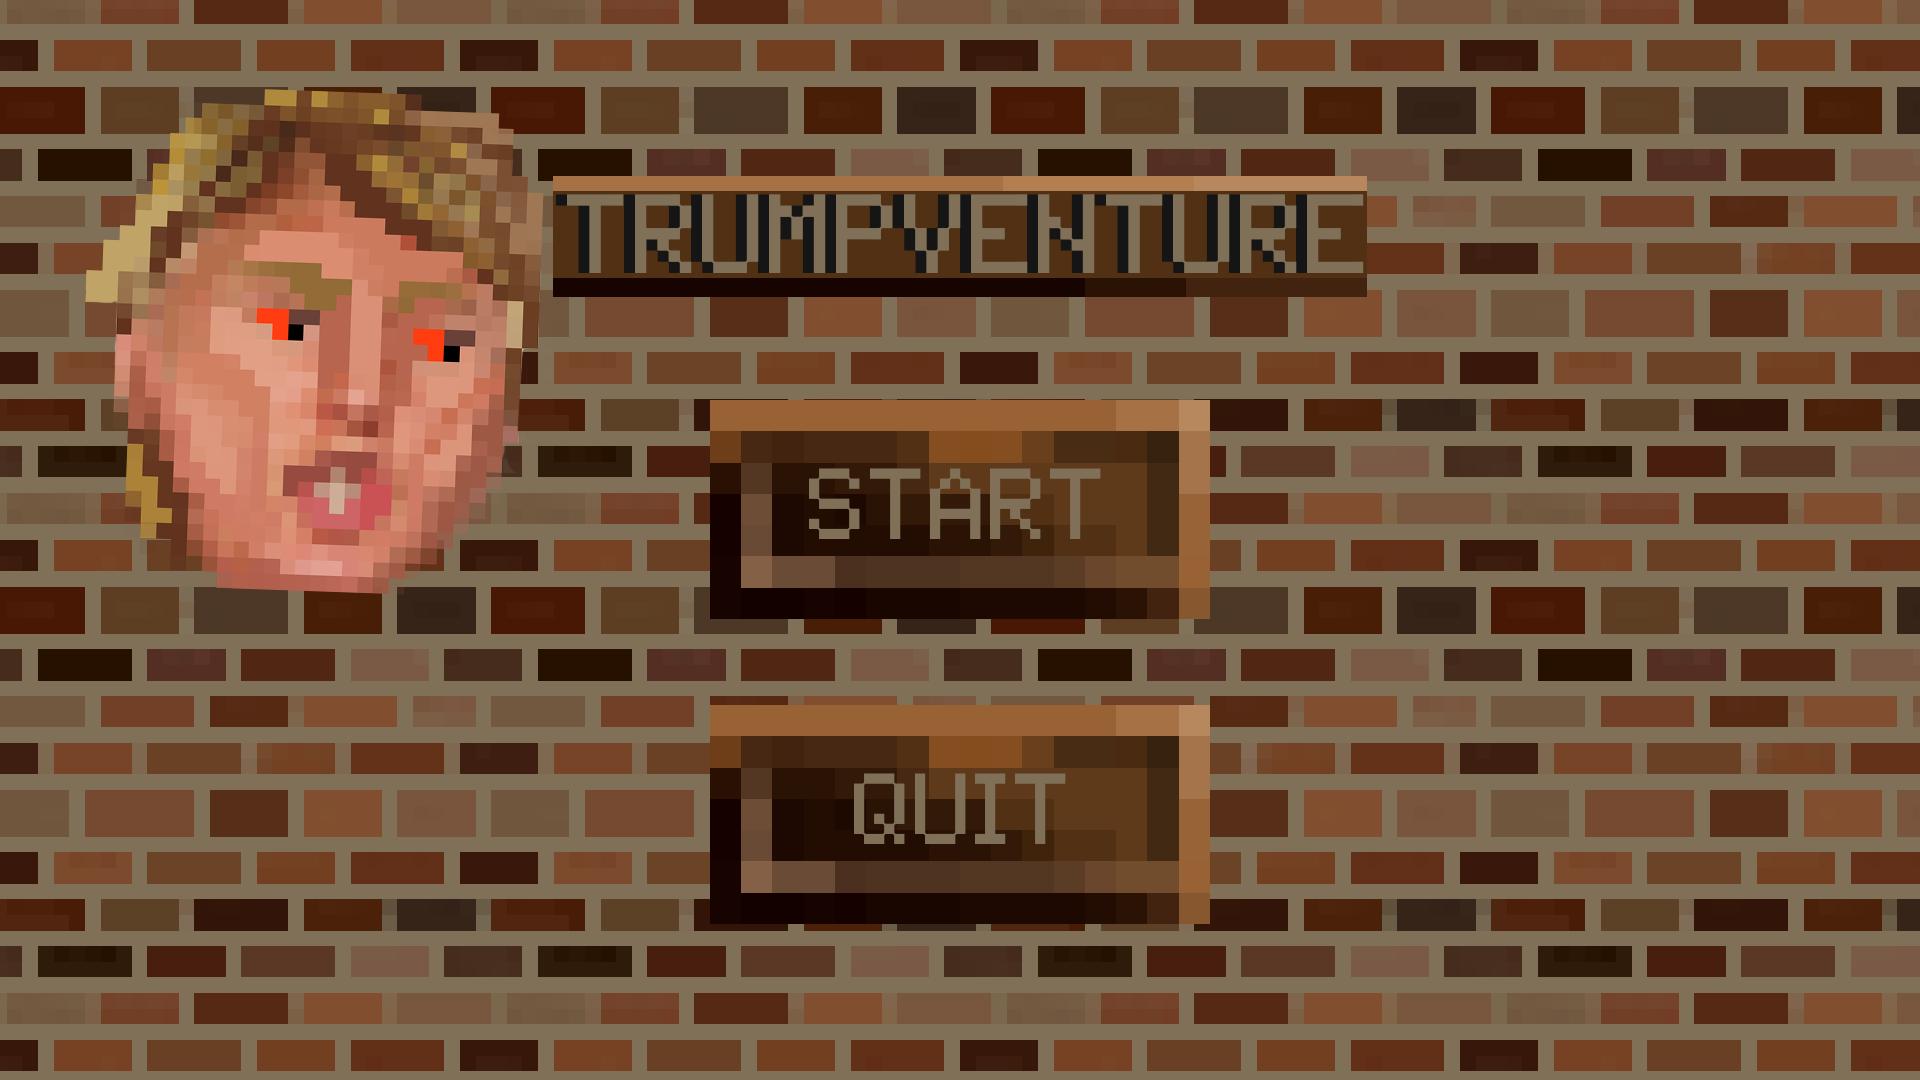 Trumpventure